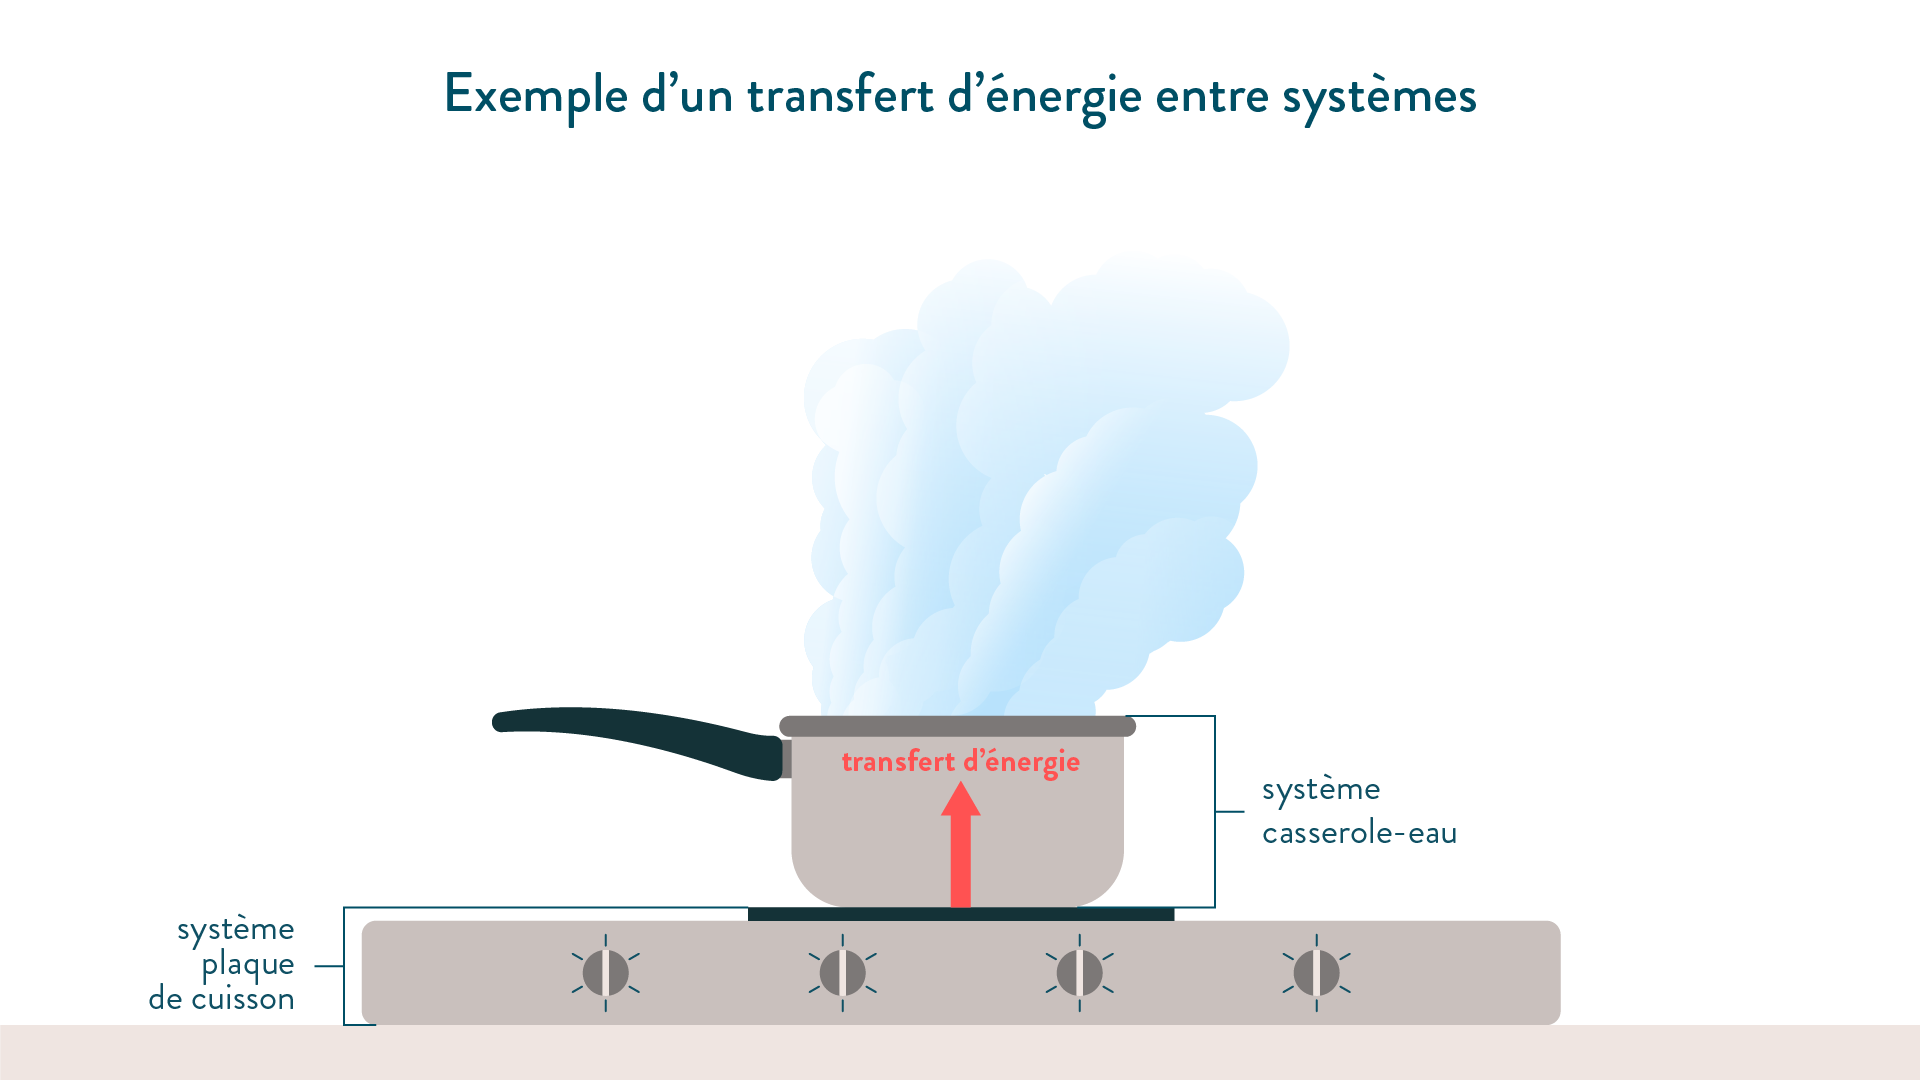 Exemple d'un transfert d'énergie entre systèmes